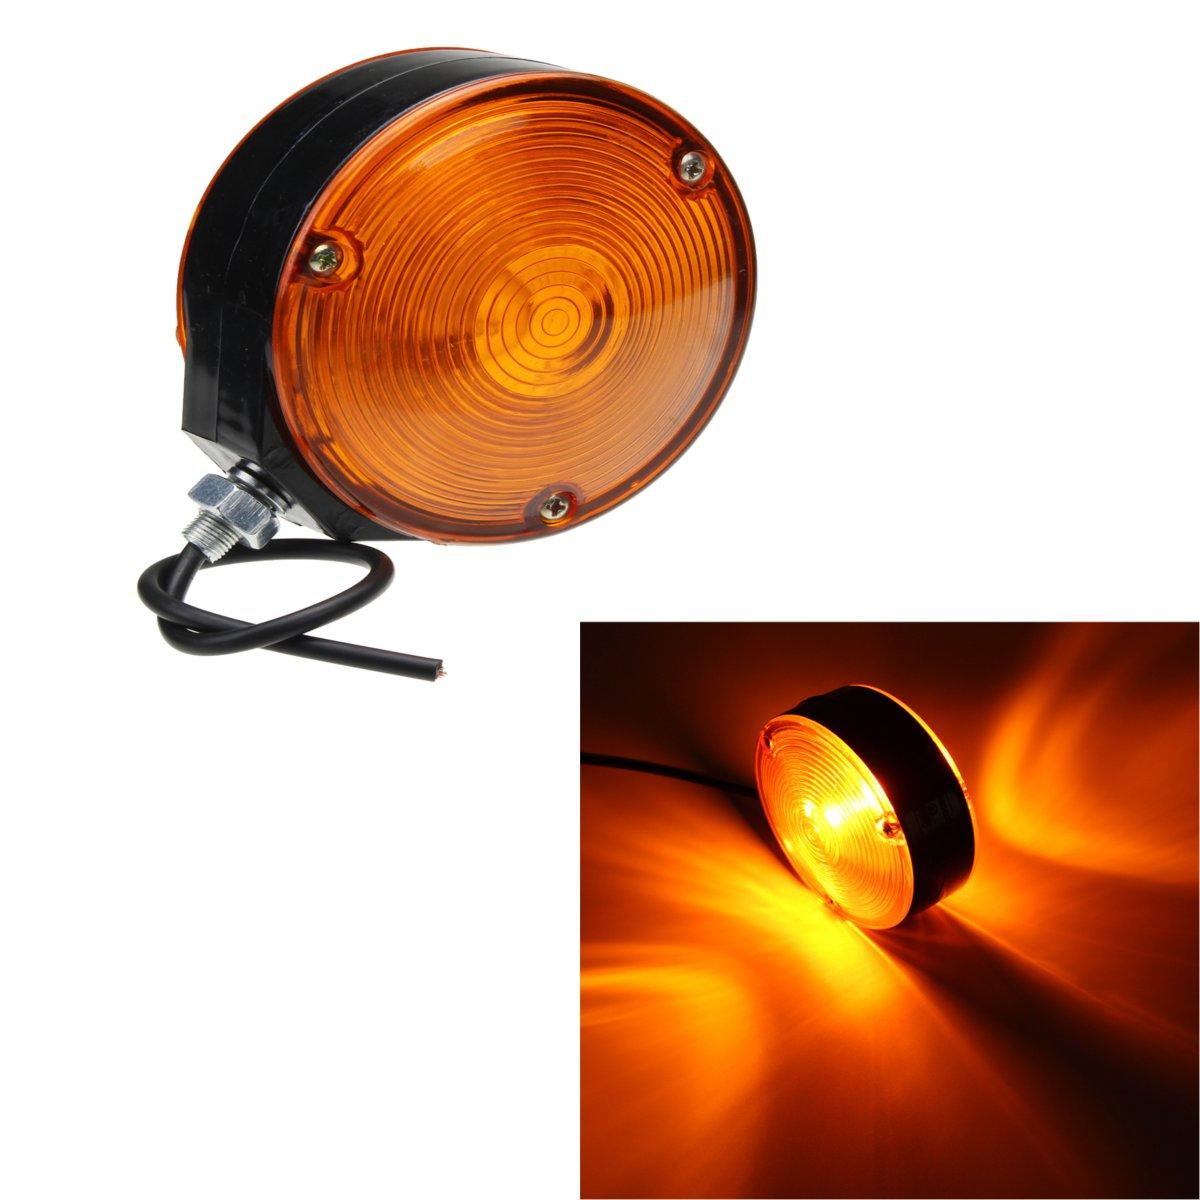 24V Car Truck Trailer Side Maker font b Lamp b font Light Lollipop Earring Amber Orange